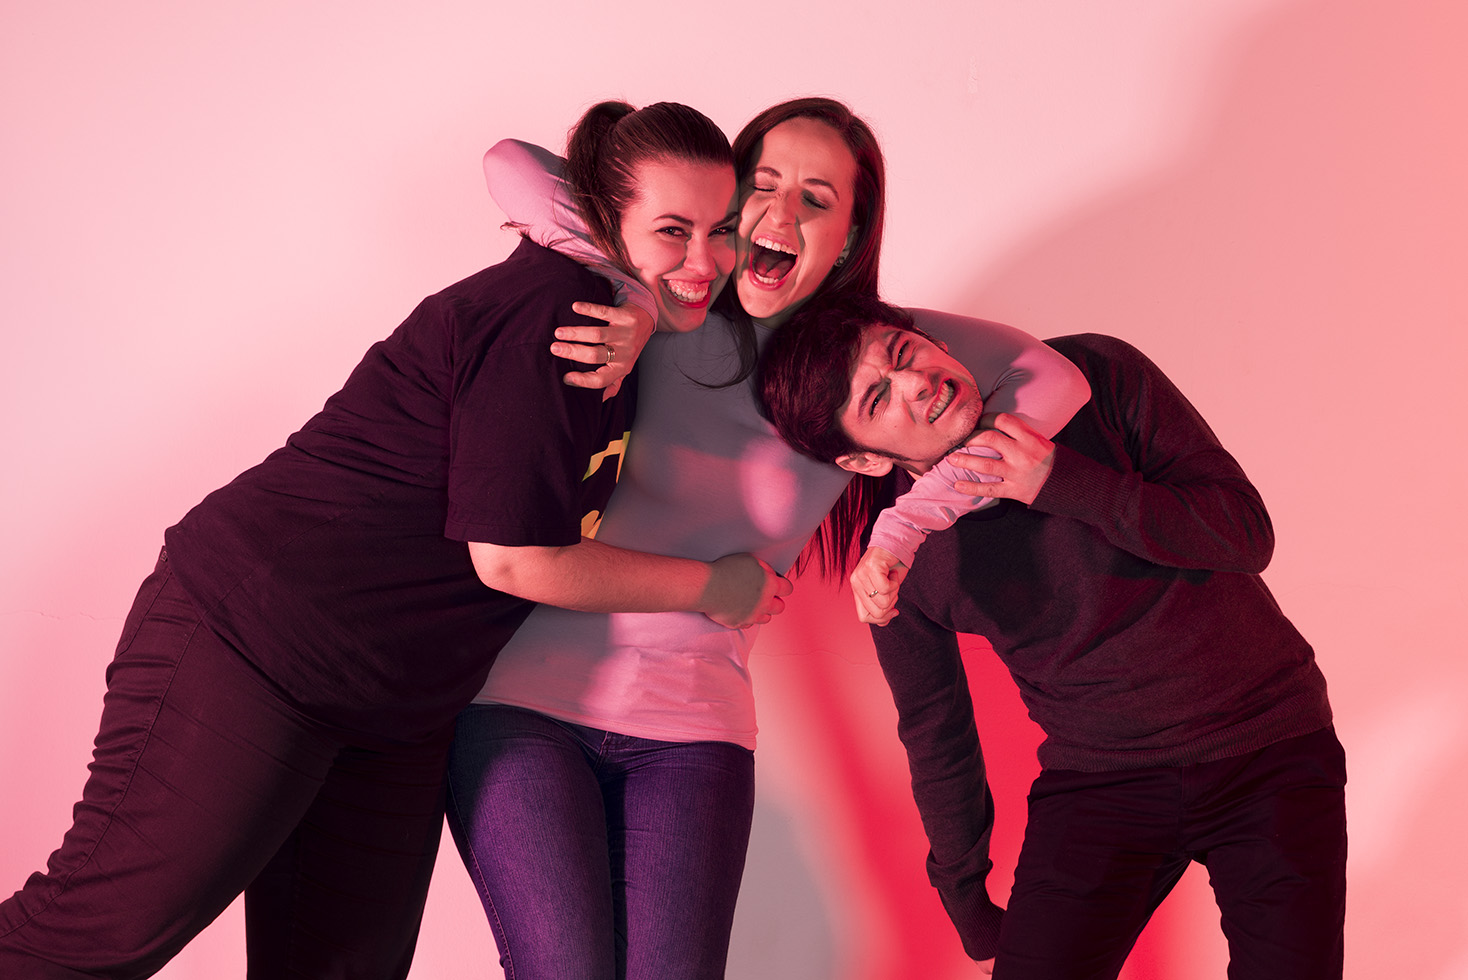 Os amigos Ursula Jahn, Rochele Ben Duarte e Moacir Lopes Costa